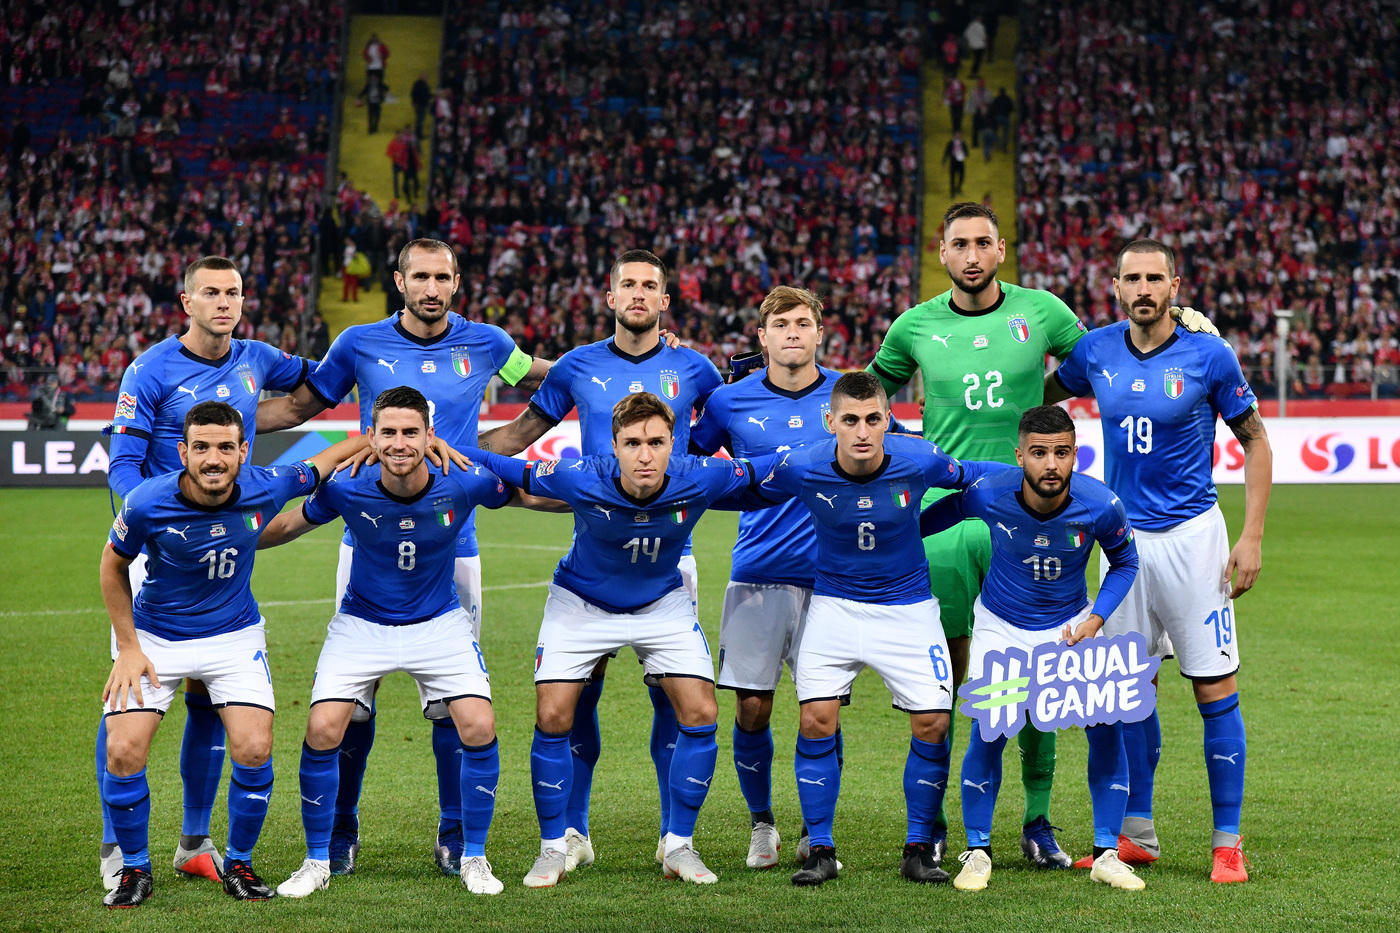 Nella terza partita di Nations League, una bella Italia batte con pieno merito la Polonia per 1-0 e la manda in Lega B. Splendido il primo tempo degli Azzurri che prendono 2 traverse (Jorginho e Insigne) e impegnano altre volte Szczesny con Jorginho, Chiellini e Florenzi. Nella ripresa la gara è più equilibrata e viene decisa al 92' da una zampata di Biraghi. Prossimo impegno il 17 novembre a Milano con il Portogallo.